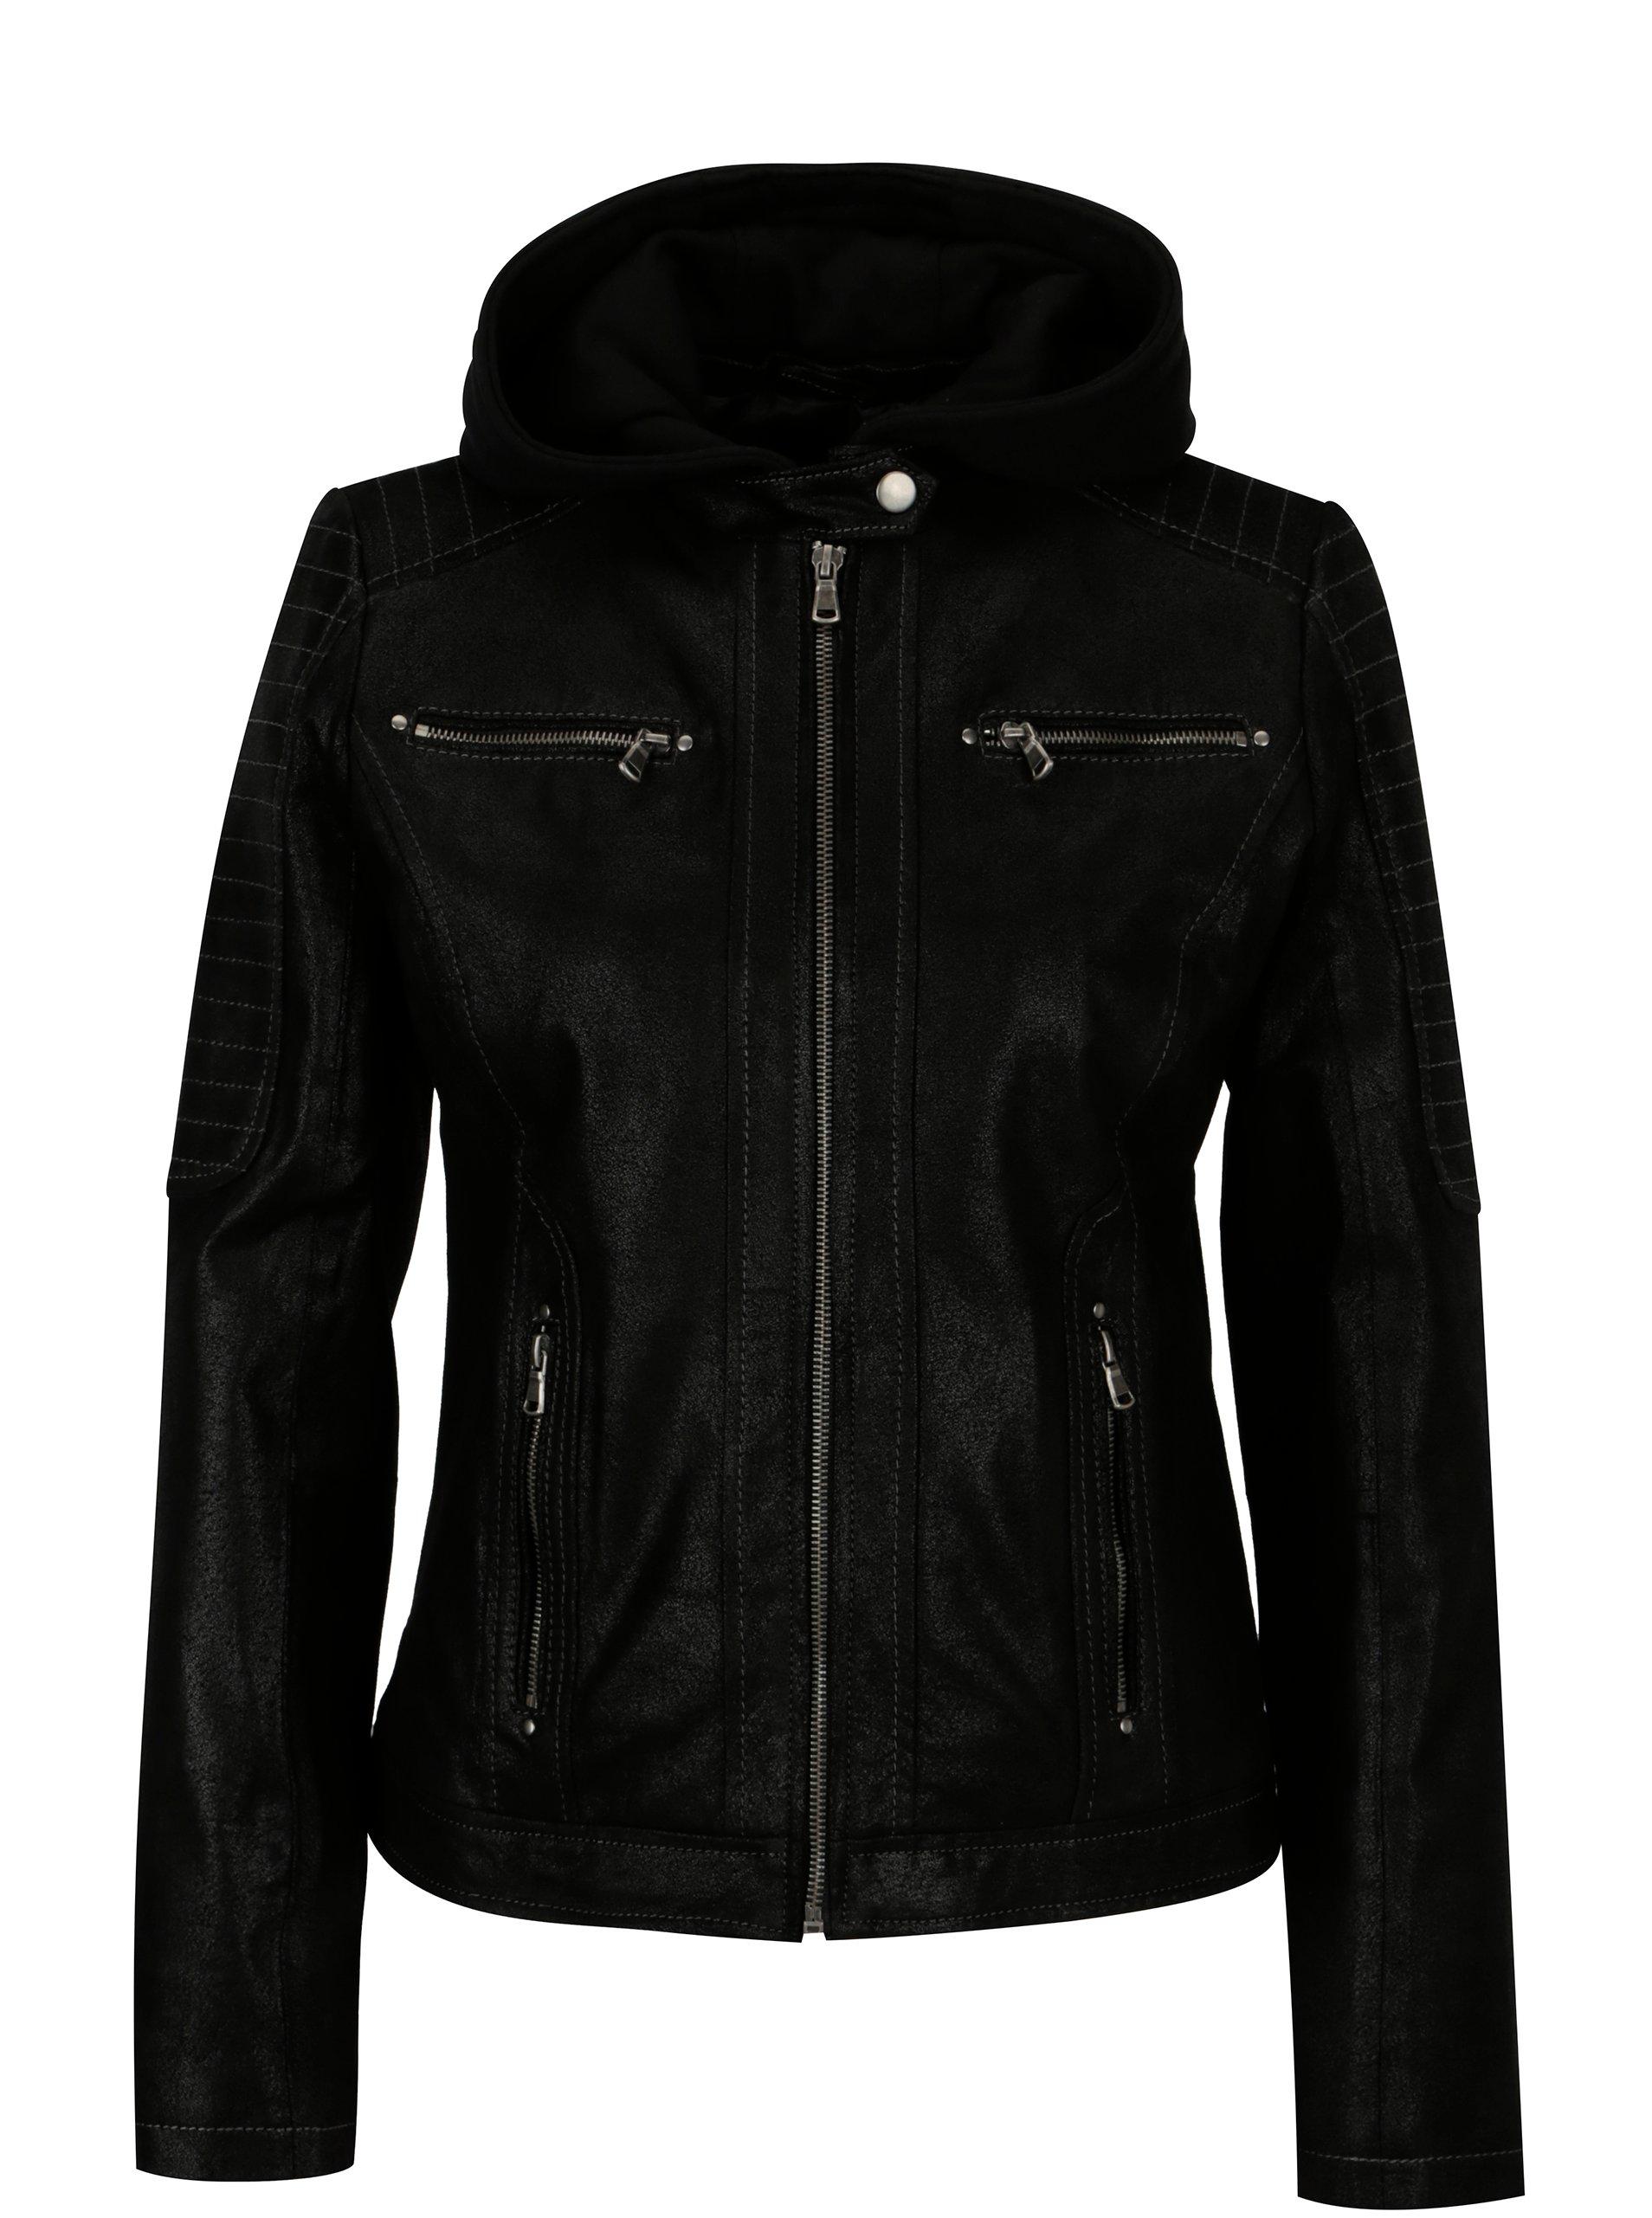 7a0becf4f167 Čierna dámska kožená bunda s kapucňou KARA Maria